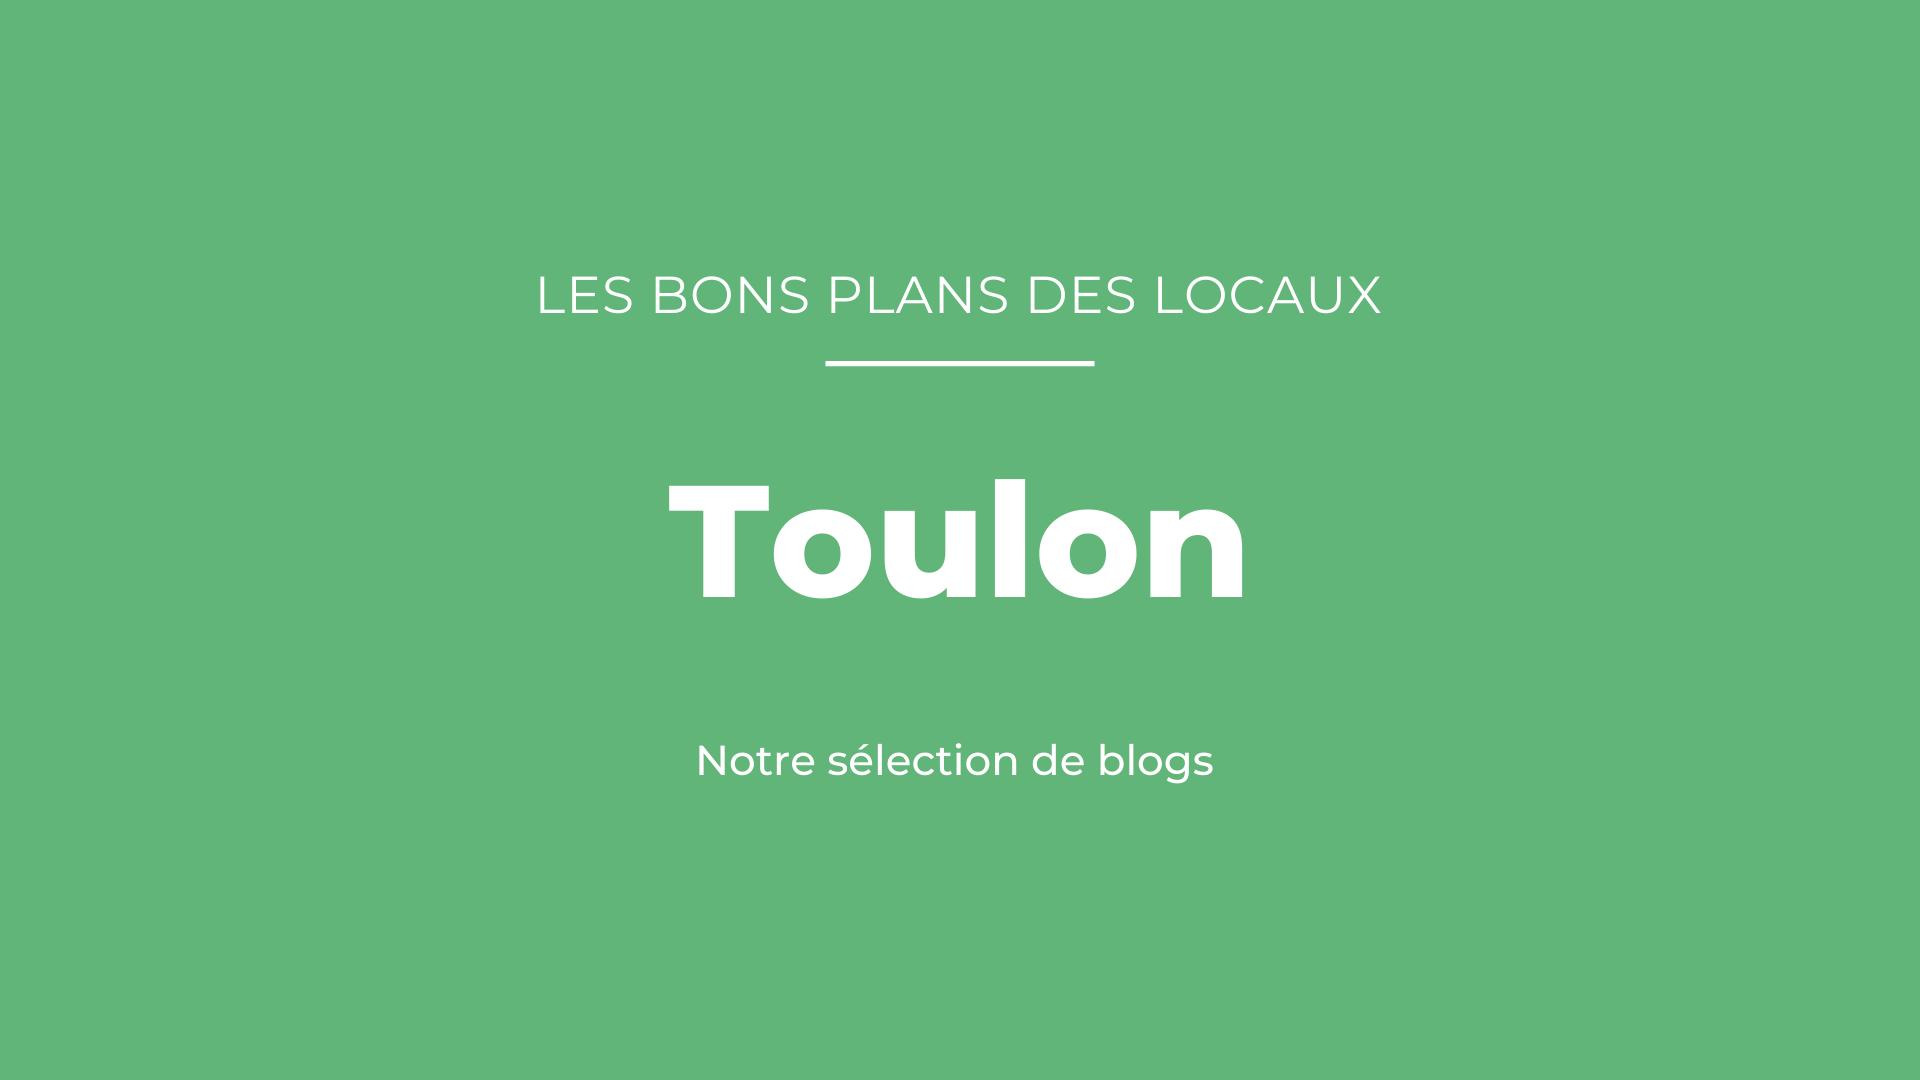 Notre sélection de blogs à Toulon